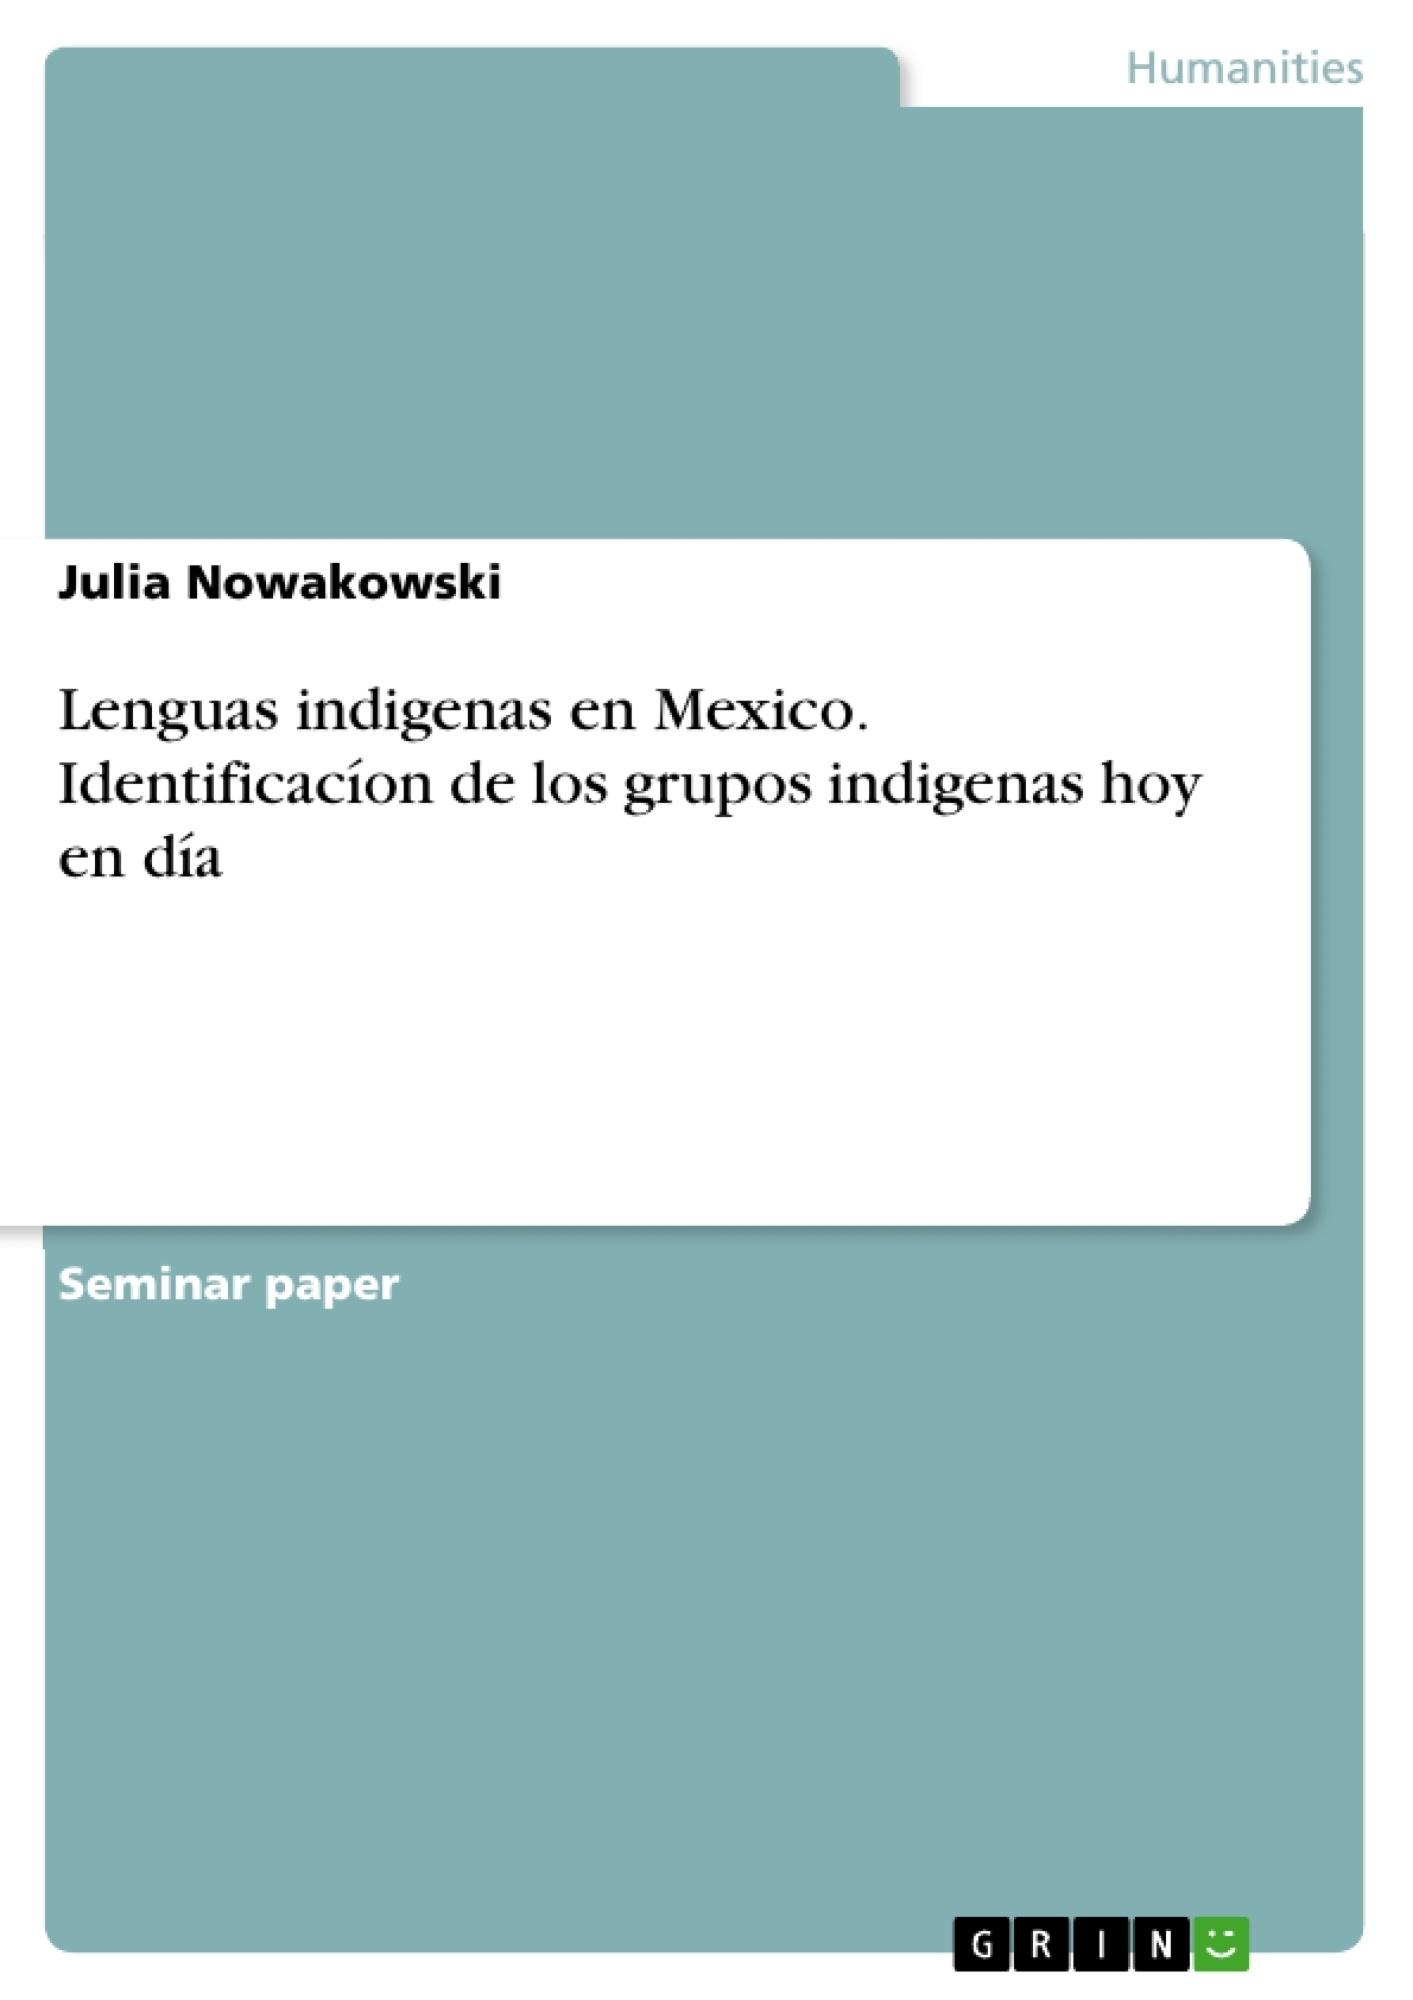 Título: Lenguas indigenas en Mexico. Identificacíon de los grupos indigenas hoy en día